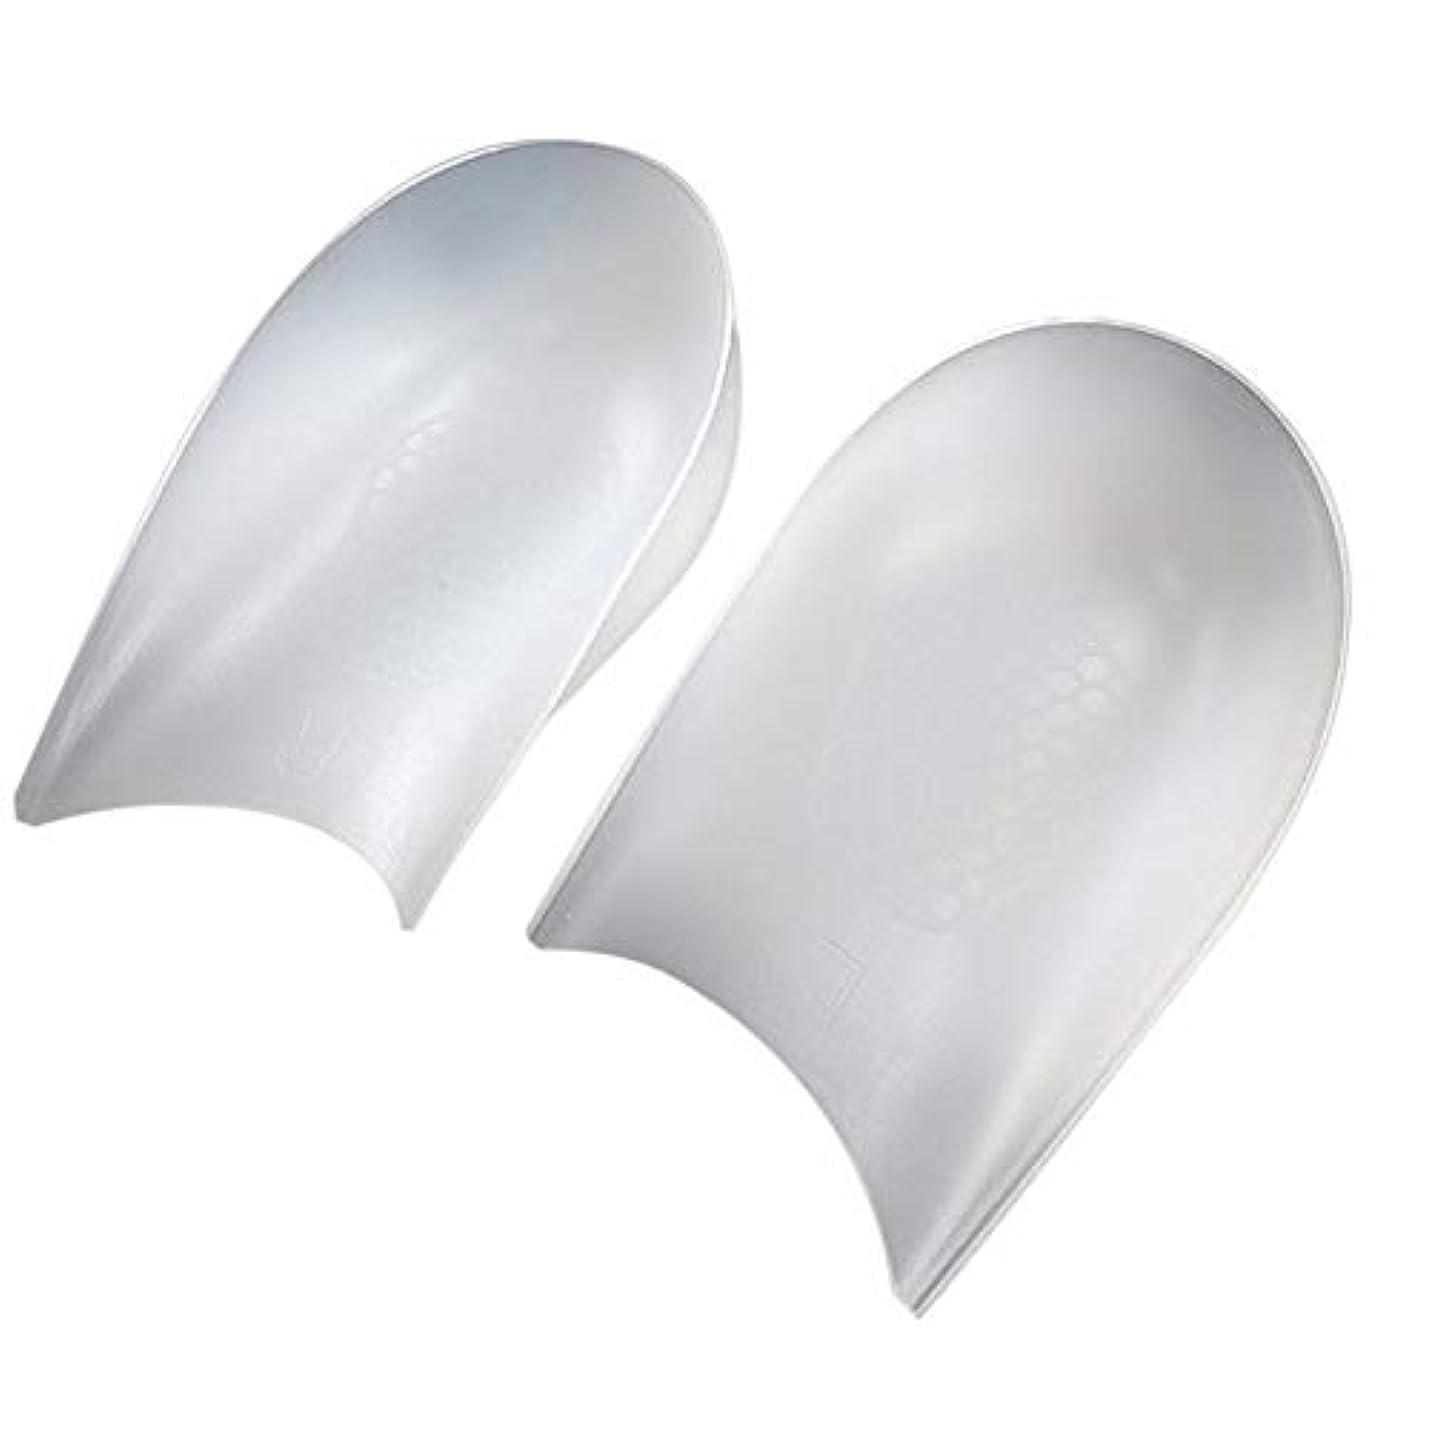 舌なショルダーフリルLOCKYOU 目に見えない高さのリフトヒールパッドライナーにより、インソールの衝撃吸収性シリコンヒールパッド1ペア